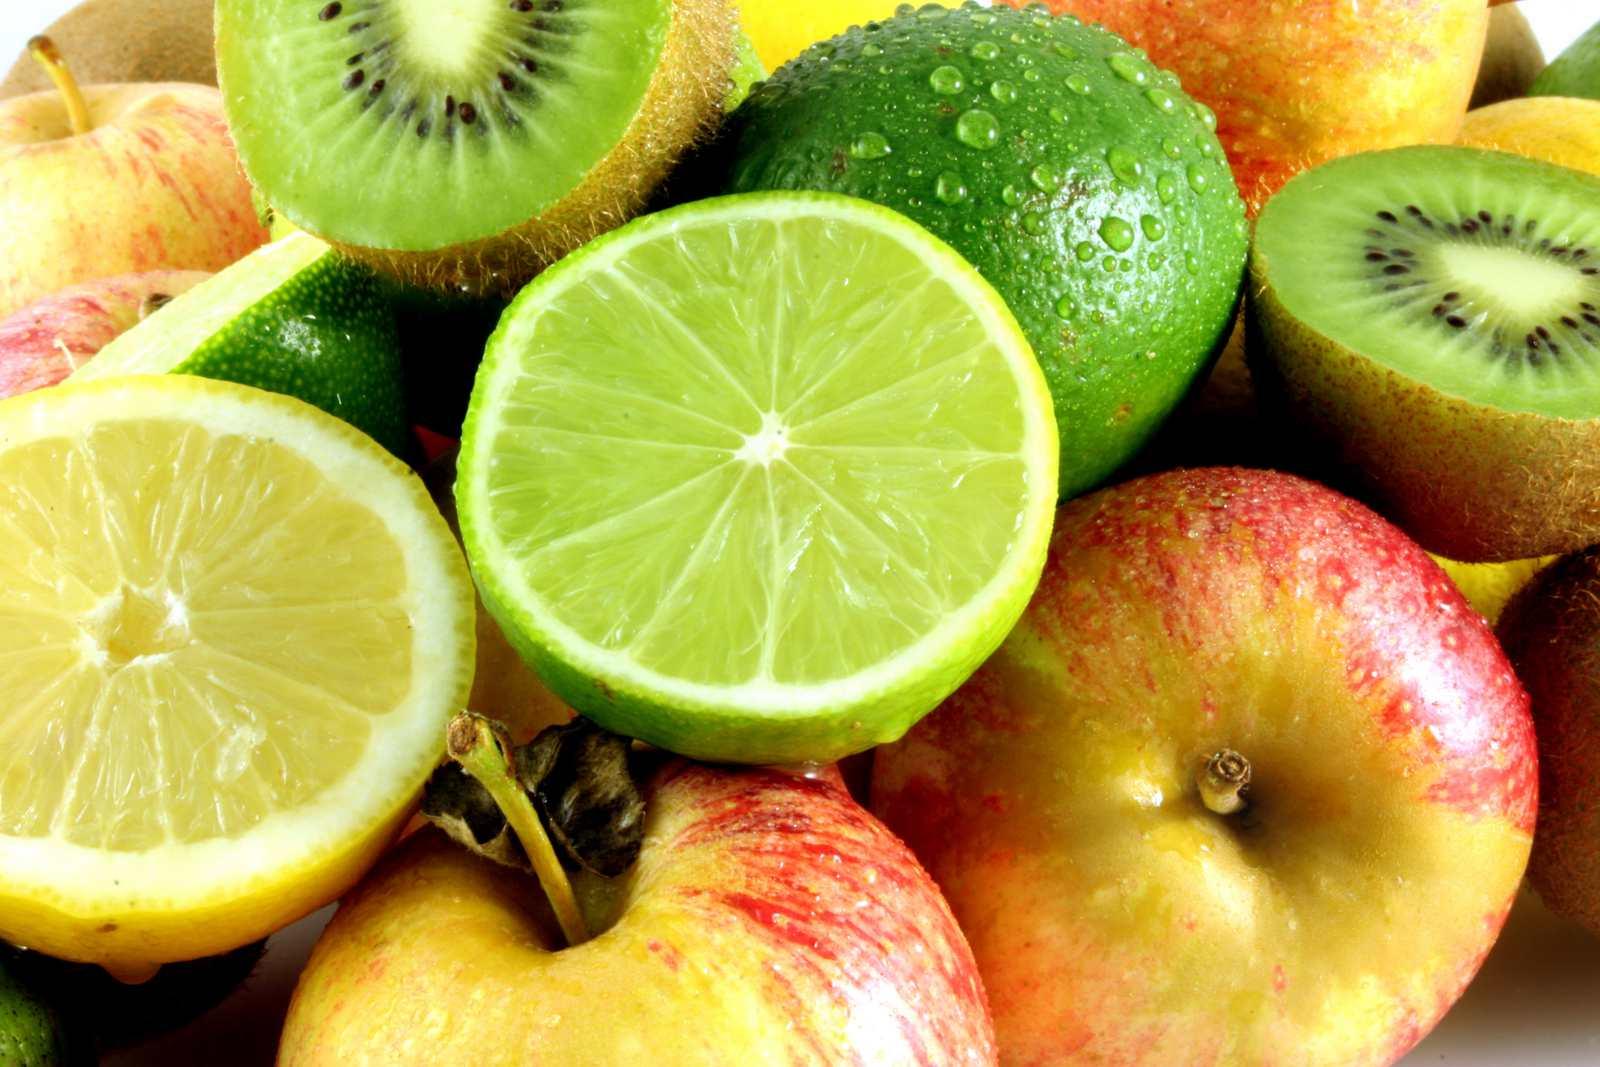 Limes, lemons, kiwis, and apples